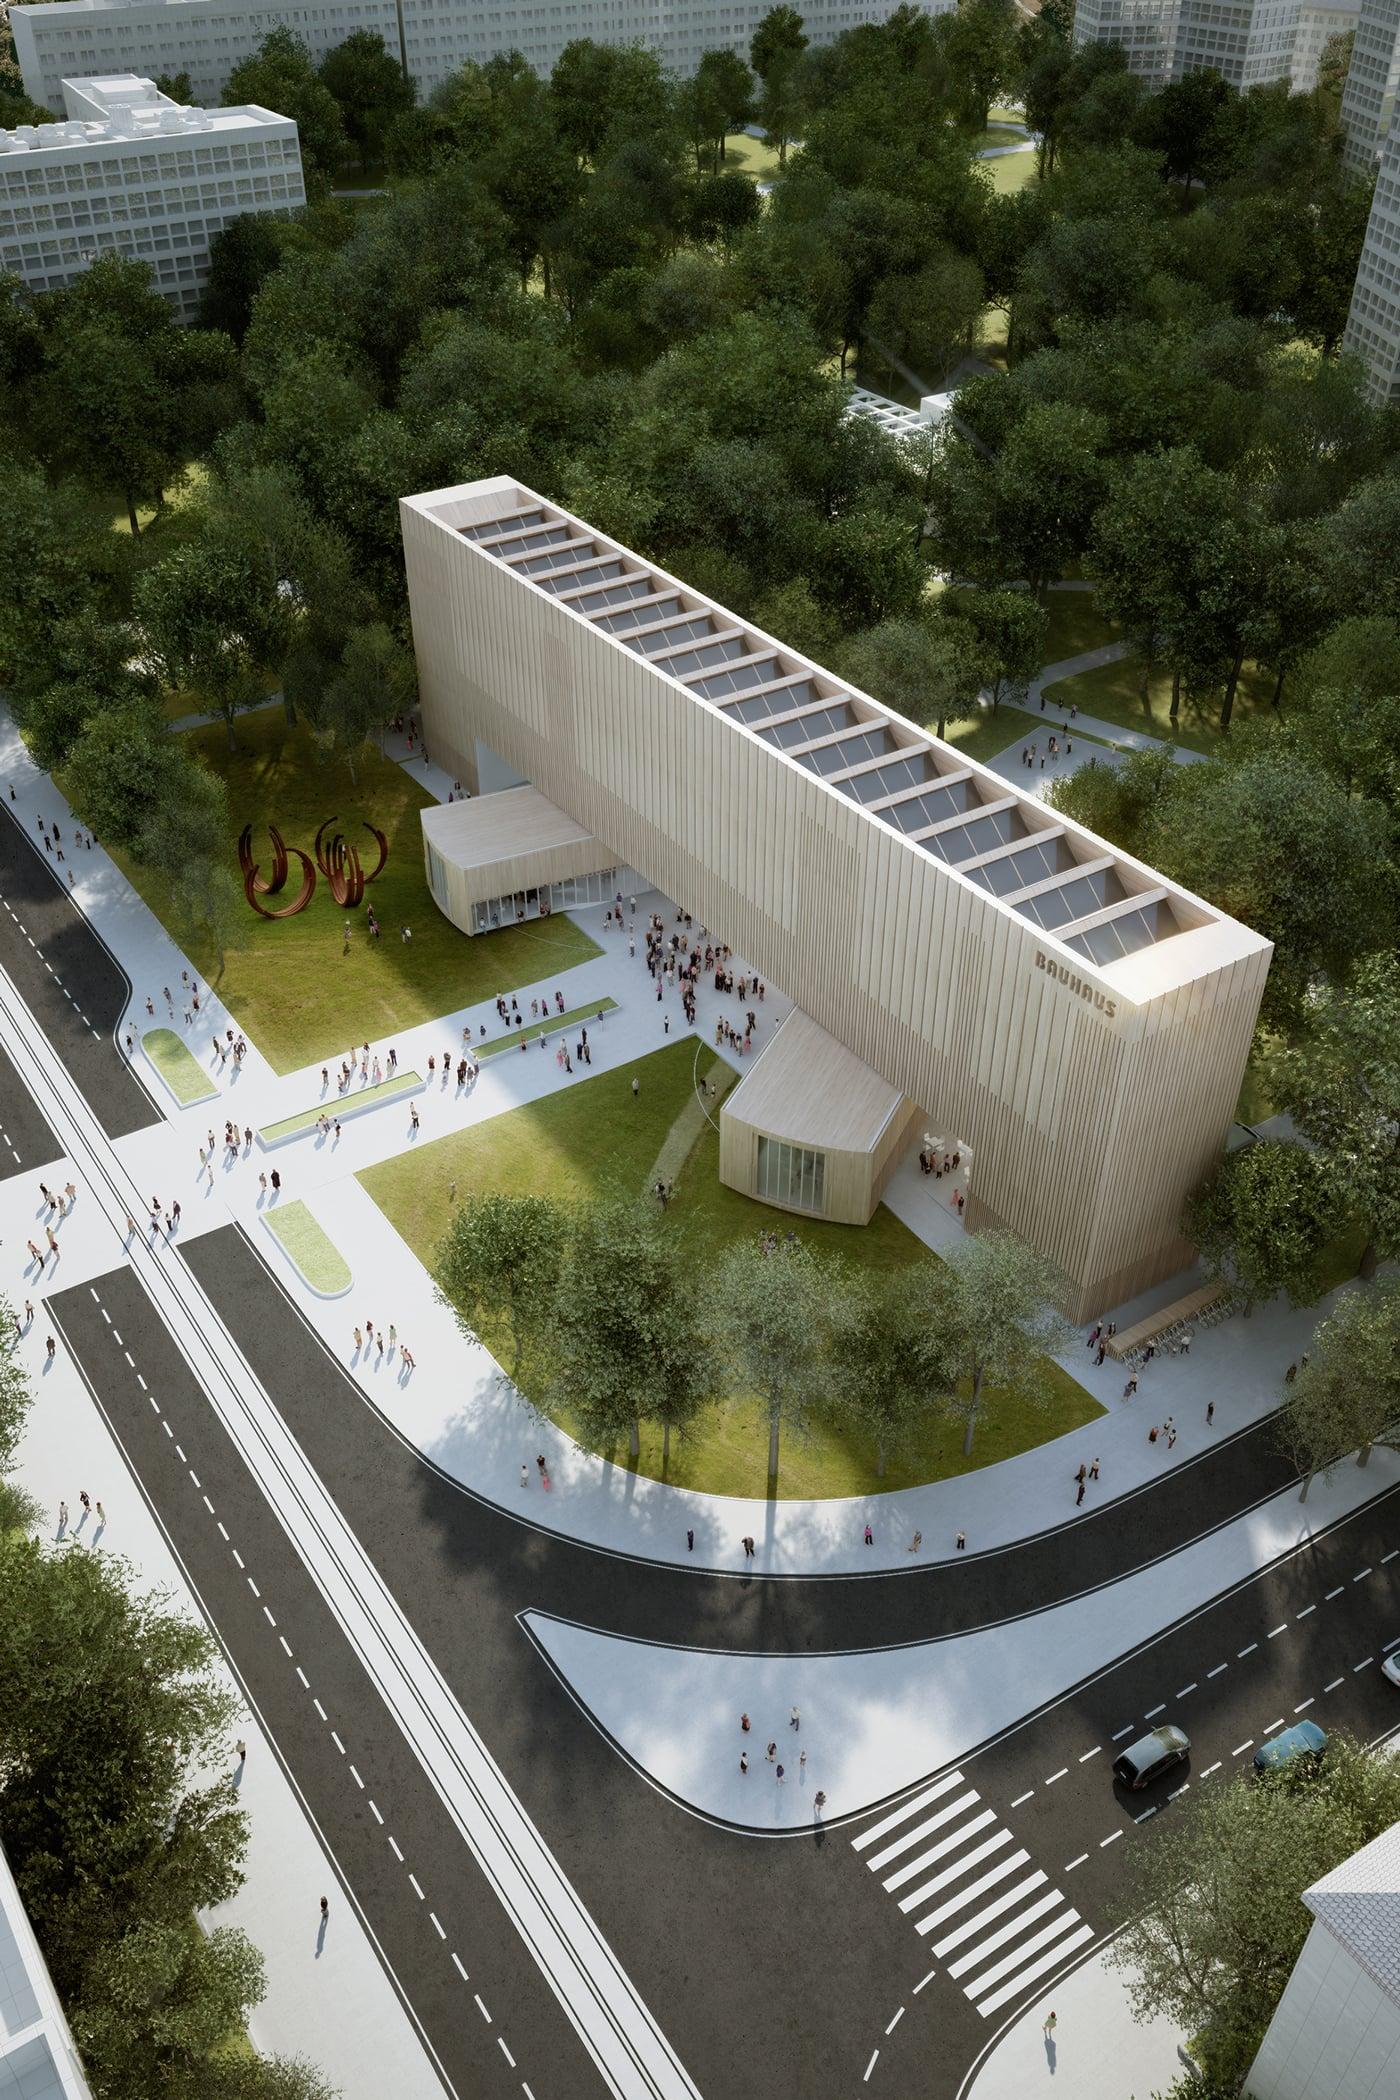 The New Bauhaus Museum by Chris Precht – Austria